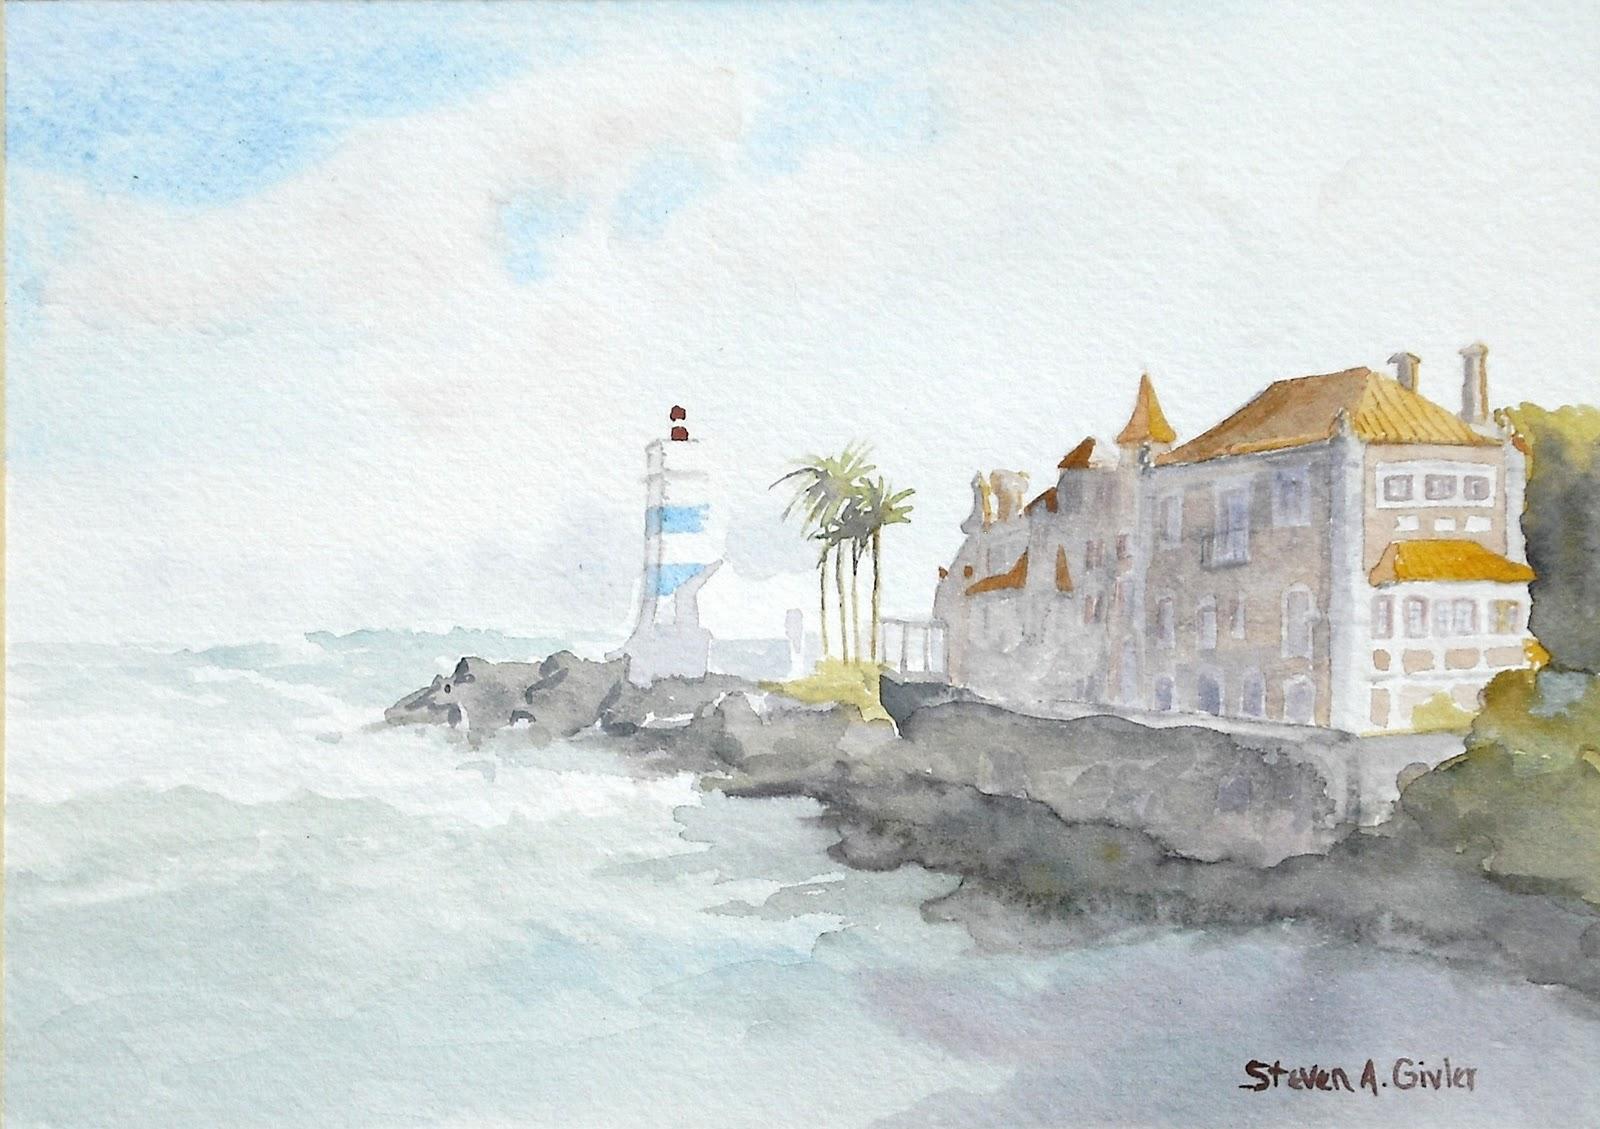 http://1.bp.blogspot.com/-H57R3uv4GKM/Tsen1mggdlI/AAAAAAAABMs/j0swP2pSVh8/s1600/Cascais+Lighthouse.JPG